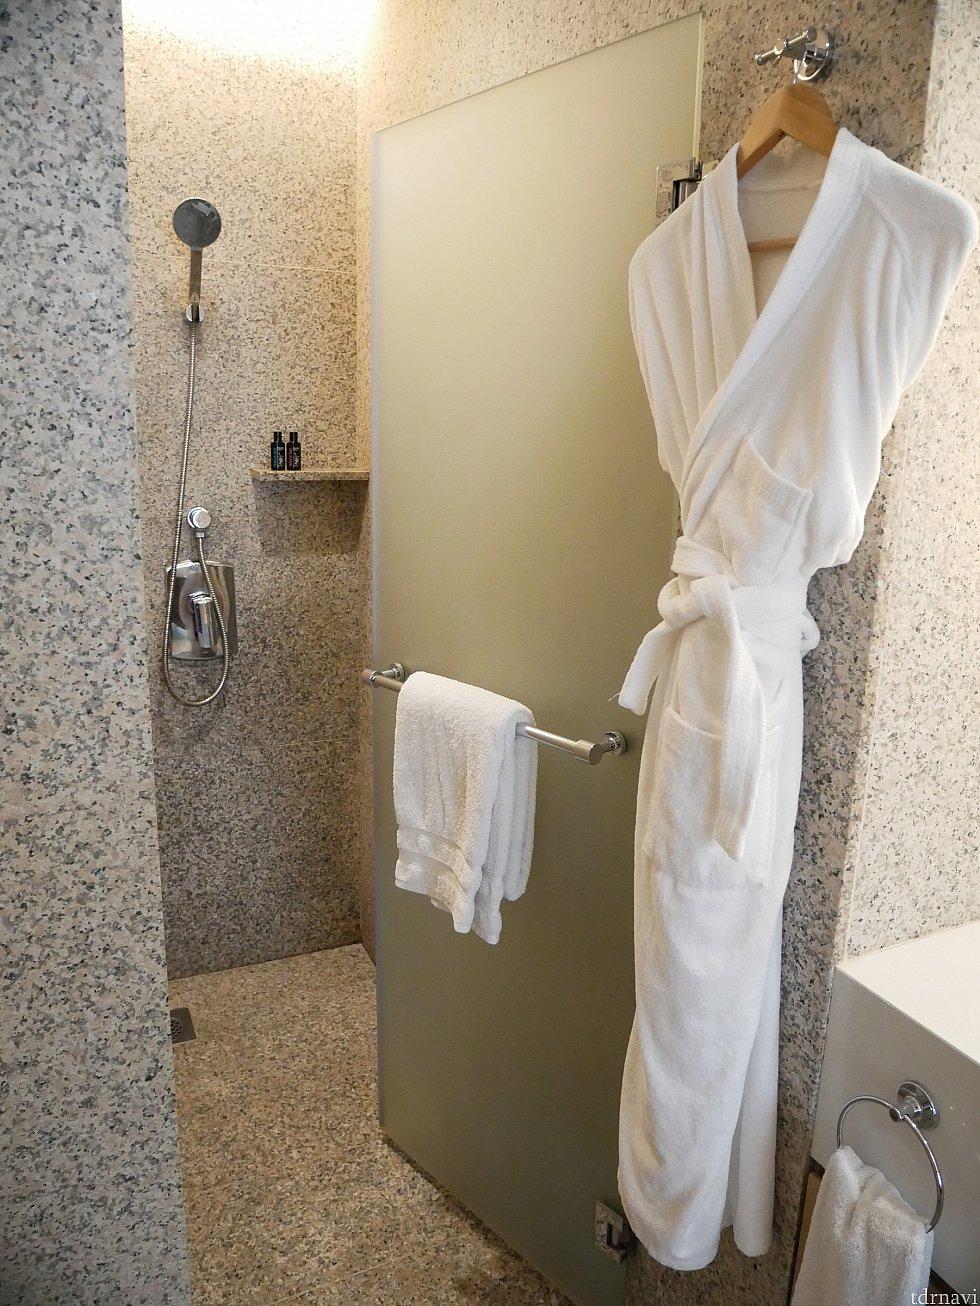 シャワー室は別にあります。